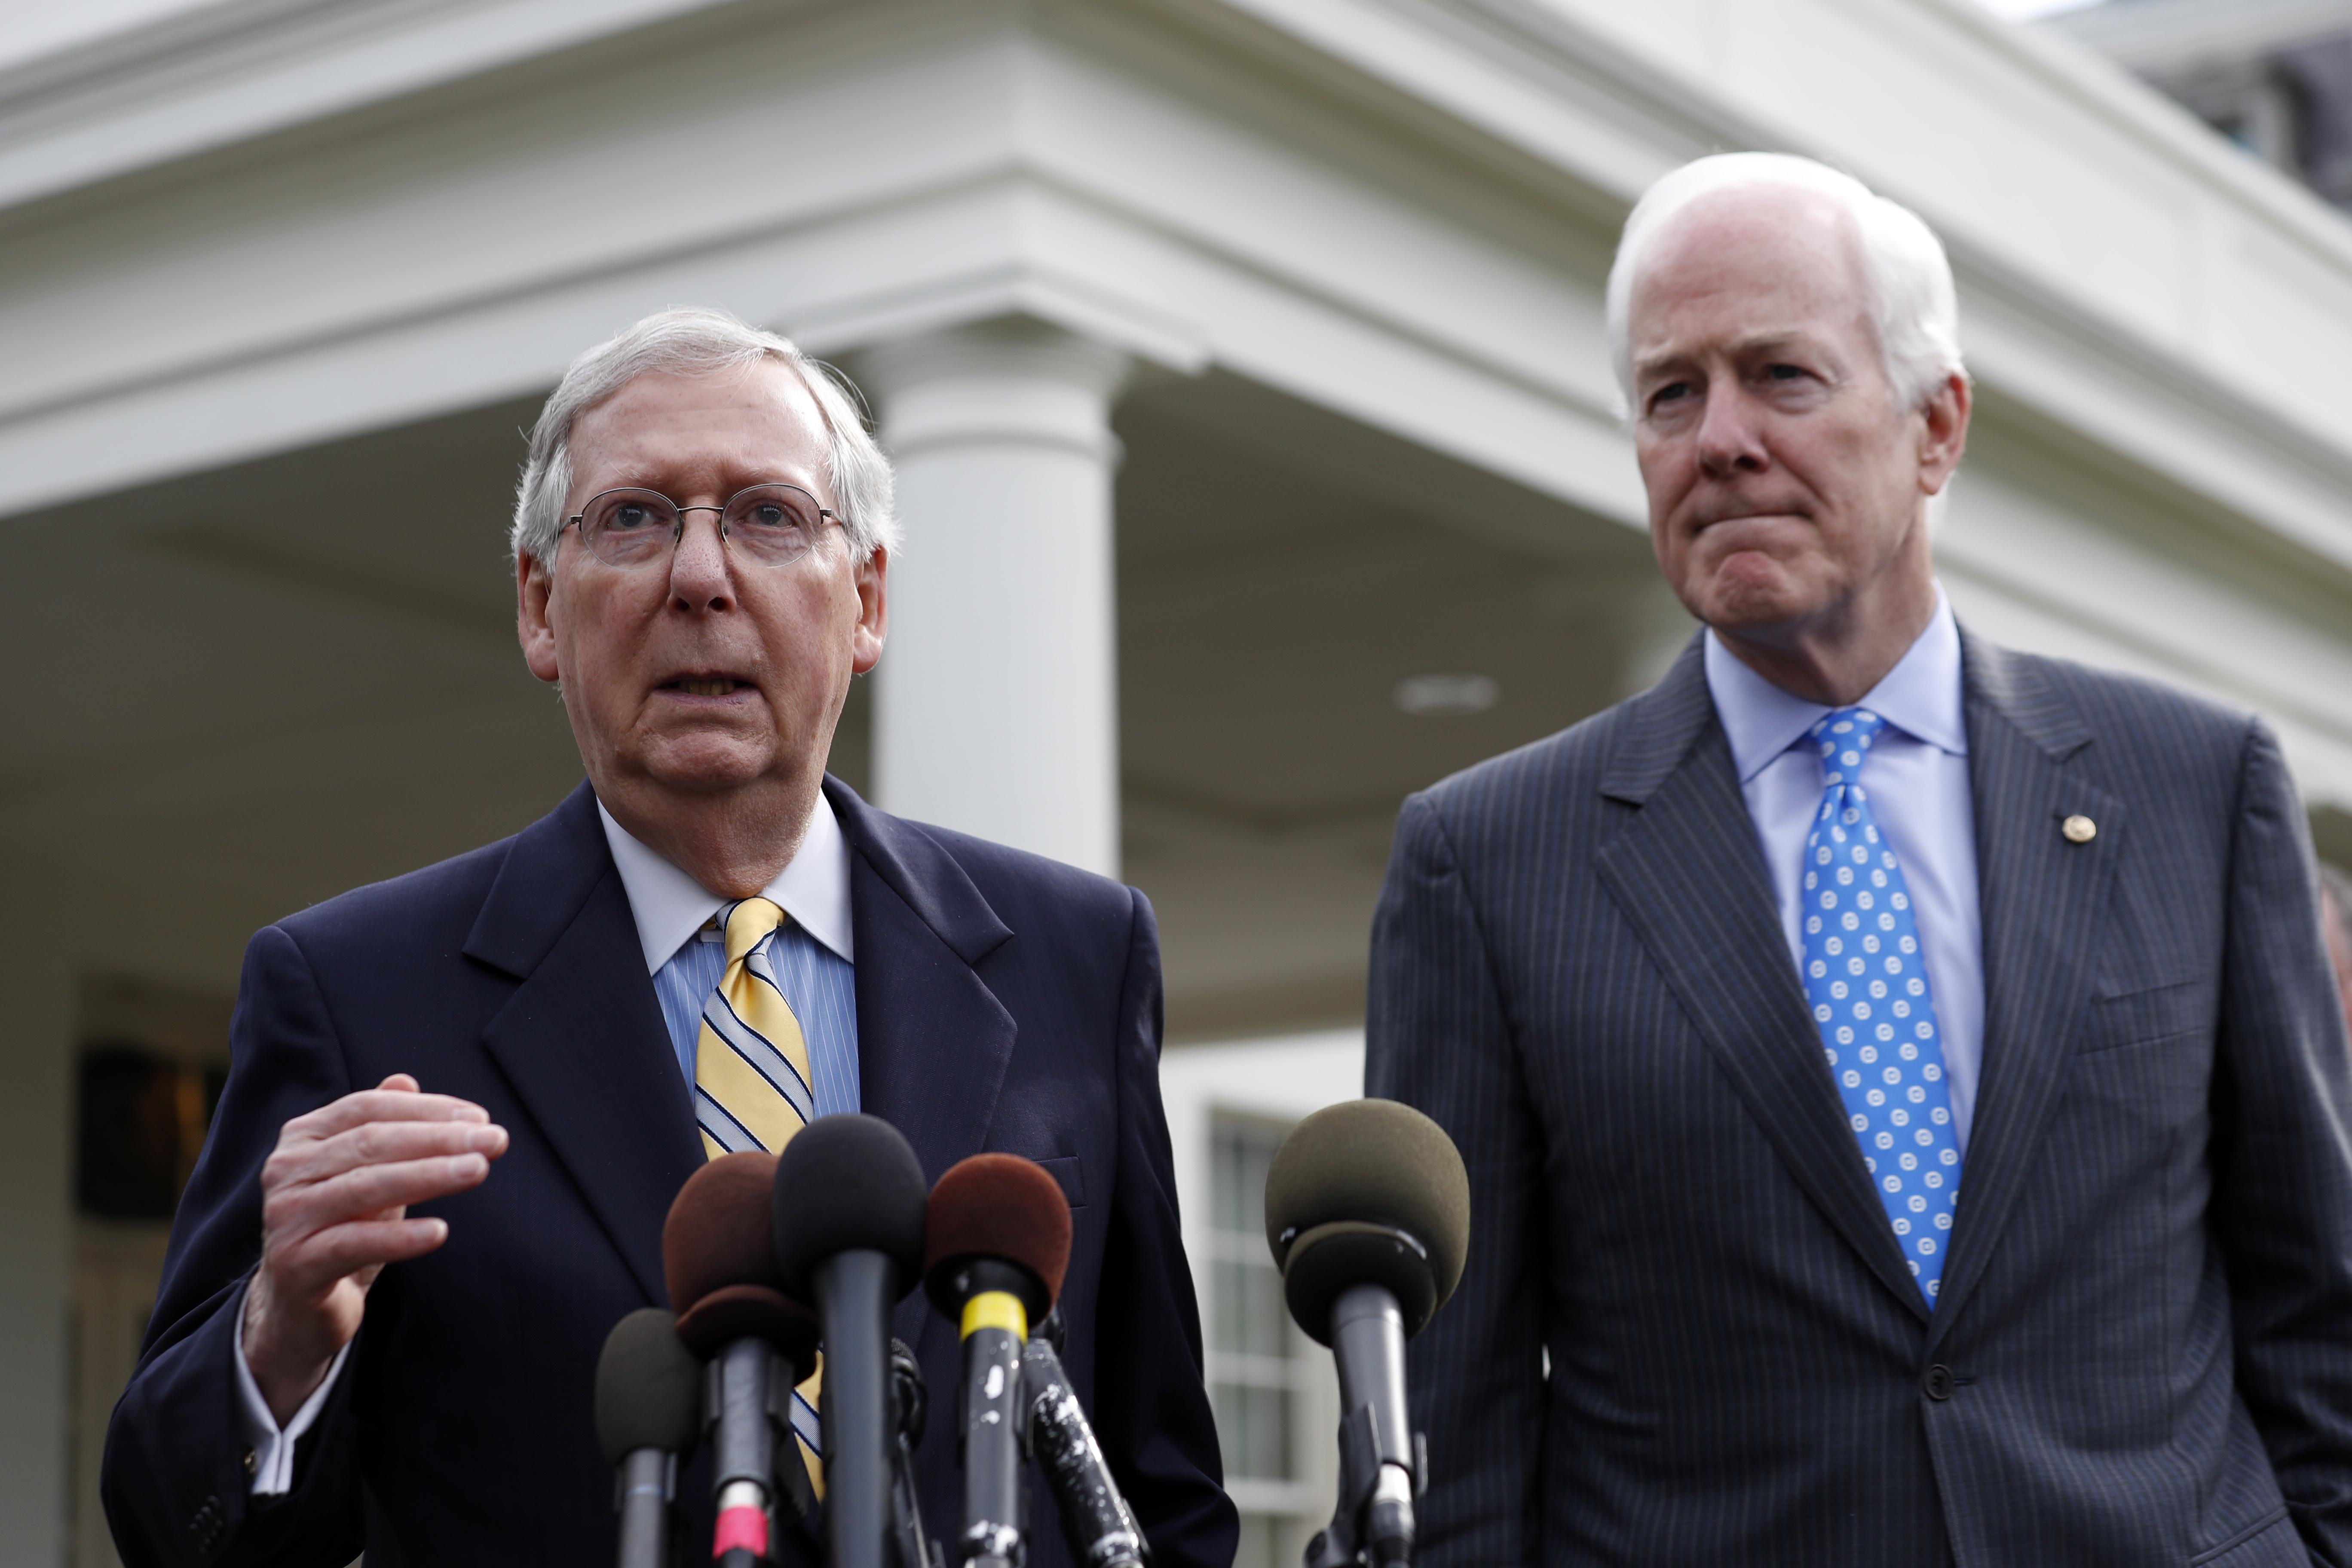 參院多數黨領袖麥康諾 (左)肩負著法案過關使命,共和黨參院黨團孔寧(右)則看好共和黨健保法案能迅速過關。 (美聯社)